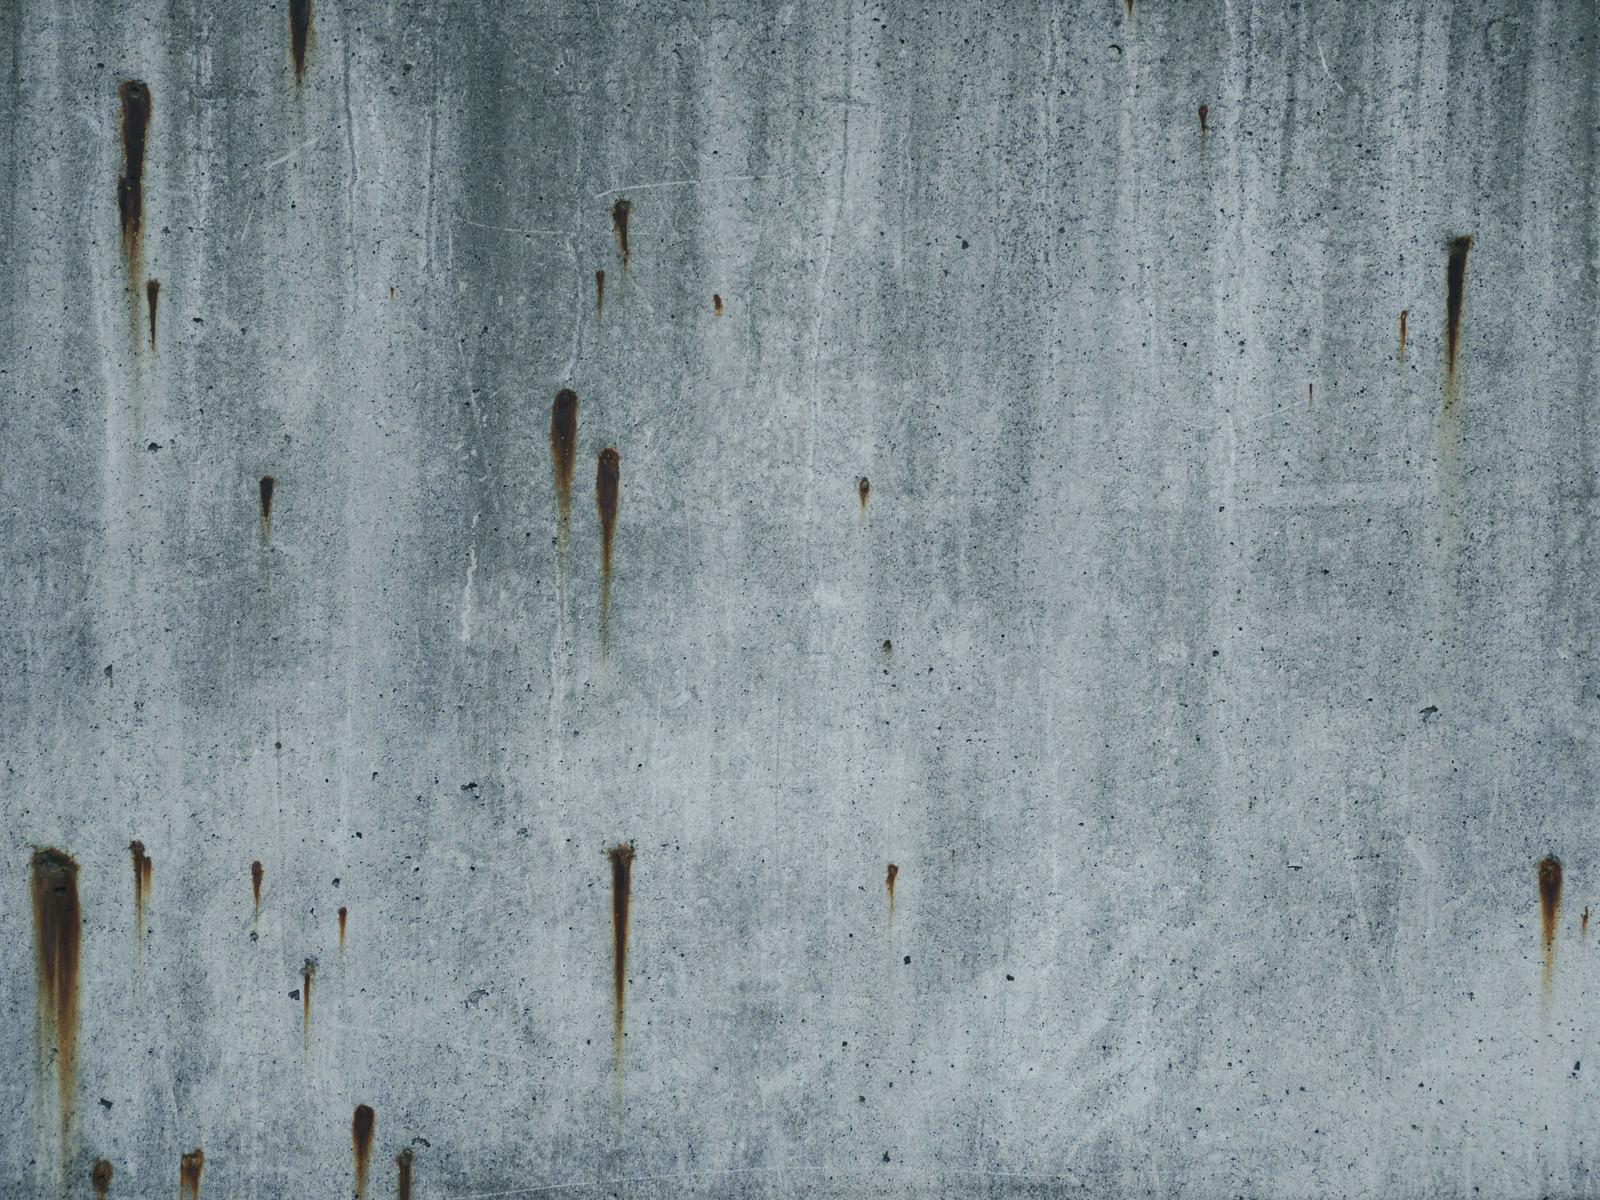 「錆が流れるコンクリートの壁」の写真